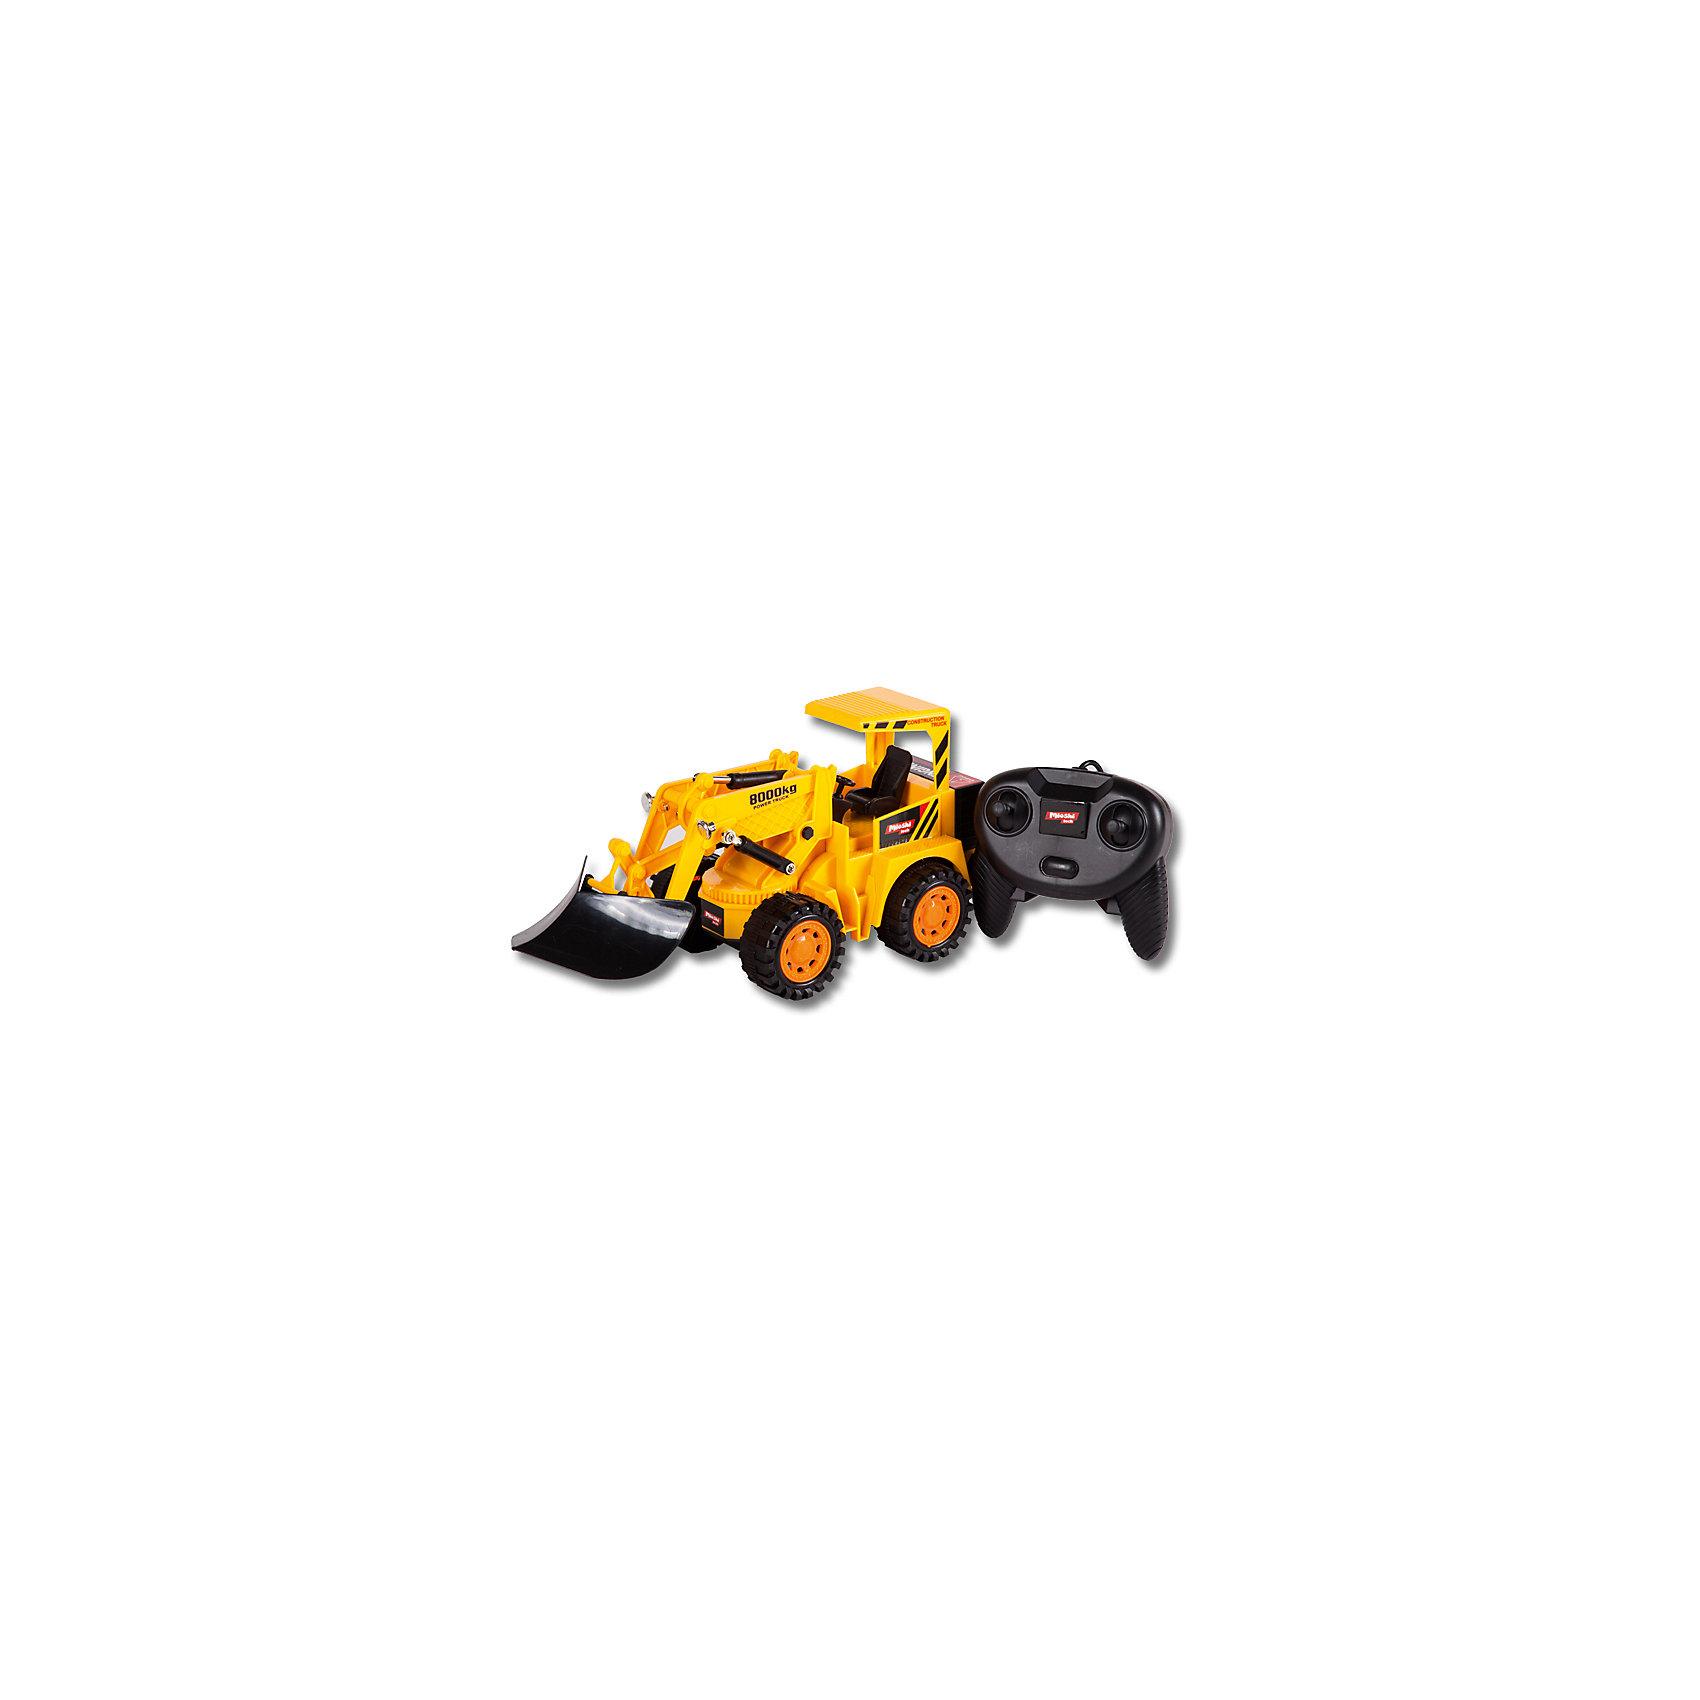 Бульдозер, проводное управление, Mioshi TechИдеи подарков<br>Характеристики товара:<br><br>• возраст от 6 лет;<br>• материал: пластик;<br>• в комплекте: бульдозер, проводной пульт;<br>• пульт работает от 3 батареек АА (в комплект не входят);<br>• длина игрушки 28,5 см;<br>• длина провода 1,5 метра;<br>• размер упаковки 33х13,5х15 см;<br>• вес упаковки 578 гр.;<br>• страна производитель: Китай.<br><br>Бульдозер Mioshi Tech — увлекательная игрушка, которая управляется проводным пультом. Бульдозер используется на строительной площадке для копания ям. Машина может ездить в разных направлениях. Ковш поднимается и опускается, изображая строительные работы. Игрушка изготовлена из качественного безопасного пластика.<br><br>Бульдозер Mioshi Tech проводное управление можно приобрести в нашем интернет-магазине.<br><br>Ширина мм: 330<br>Глубина мм: 135<br>Высота мм: 150<br>Вес г: 578<br>Возраст от месяцев: 72<br>Возраст до месяцев: 2147483647<br>Пол: Мужской<br>Возраст: Детский<br>SKU: 5581256